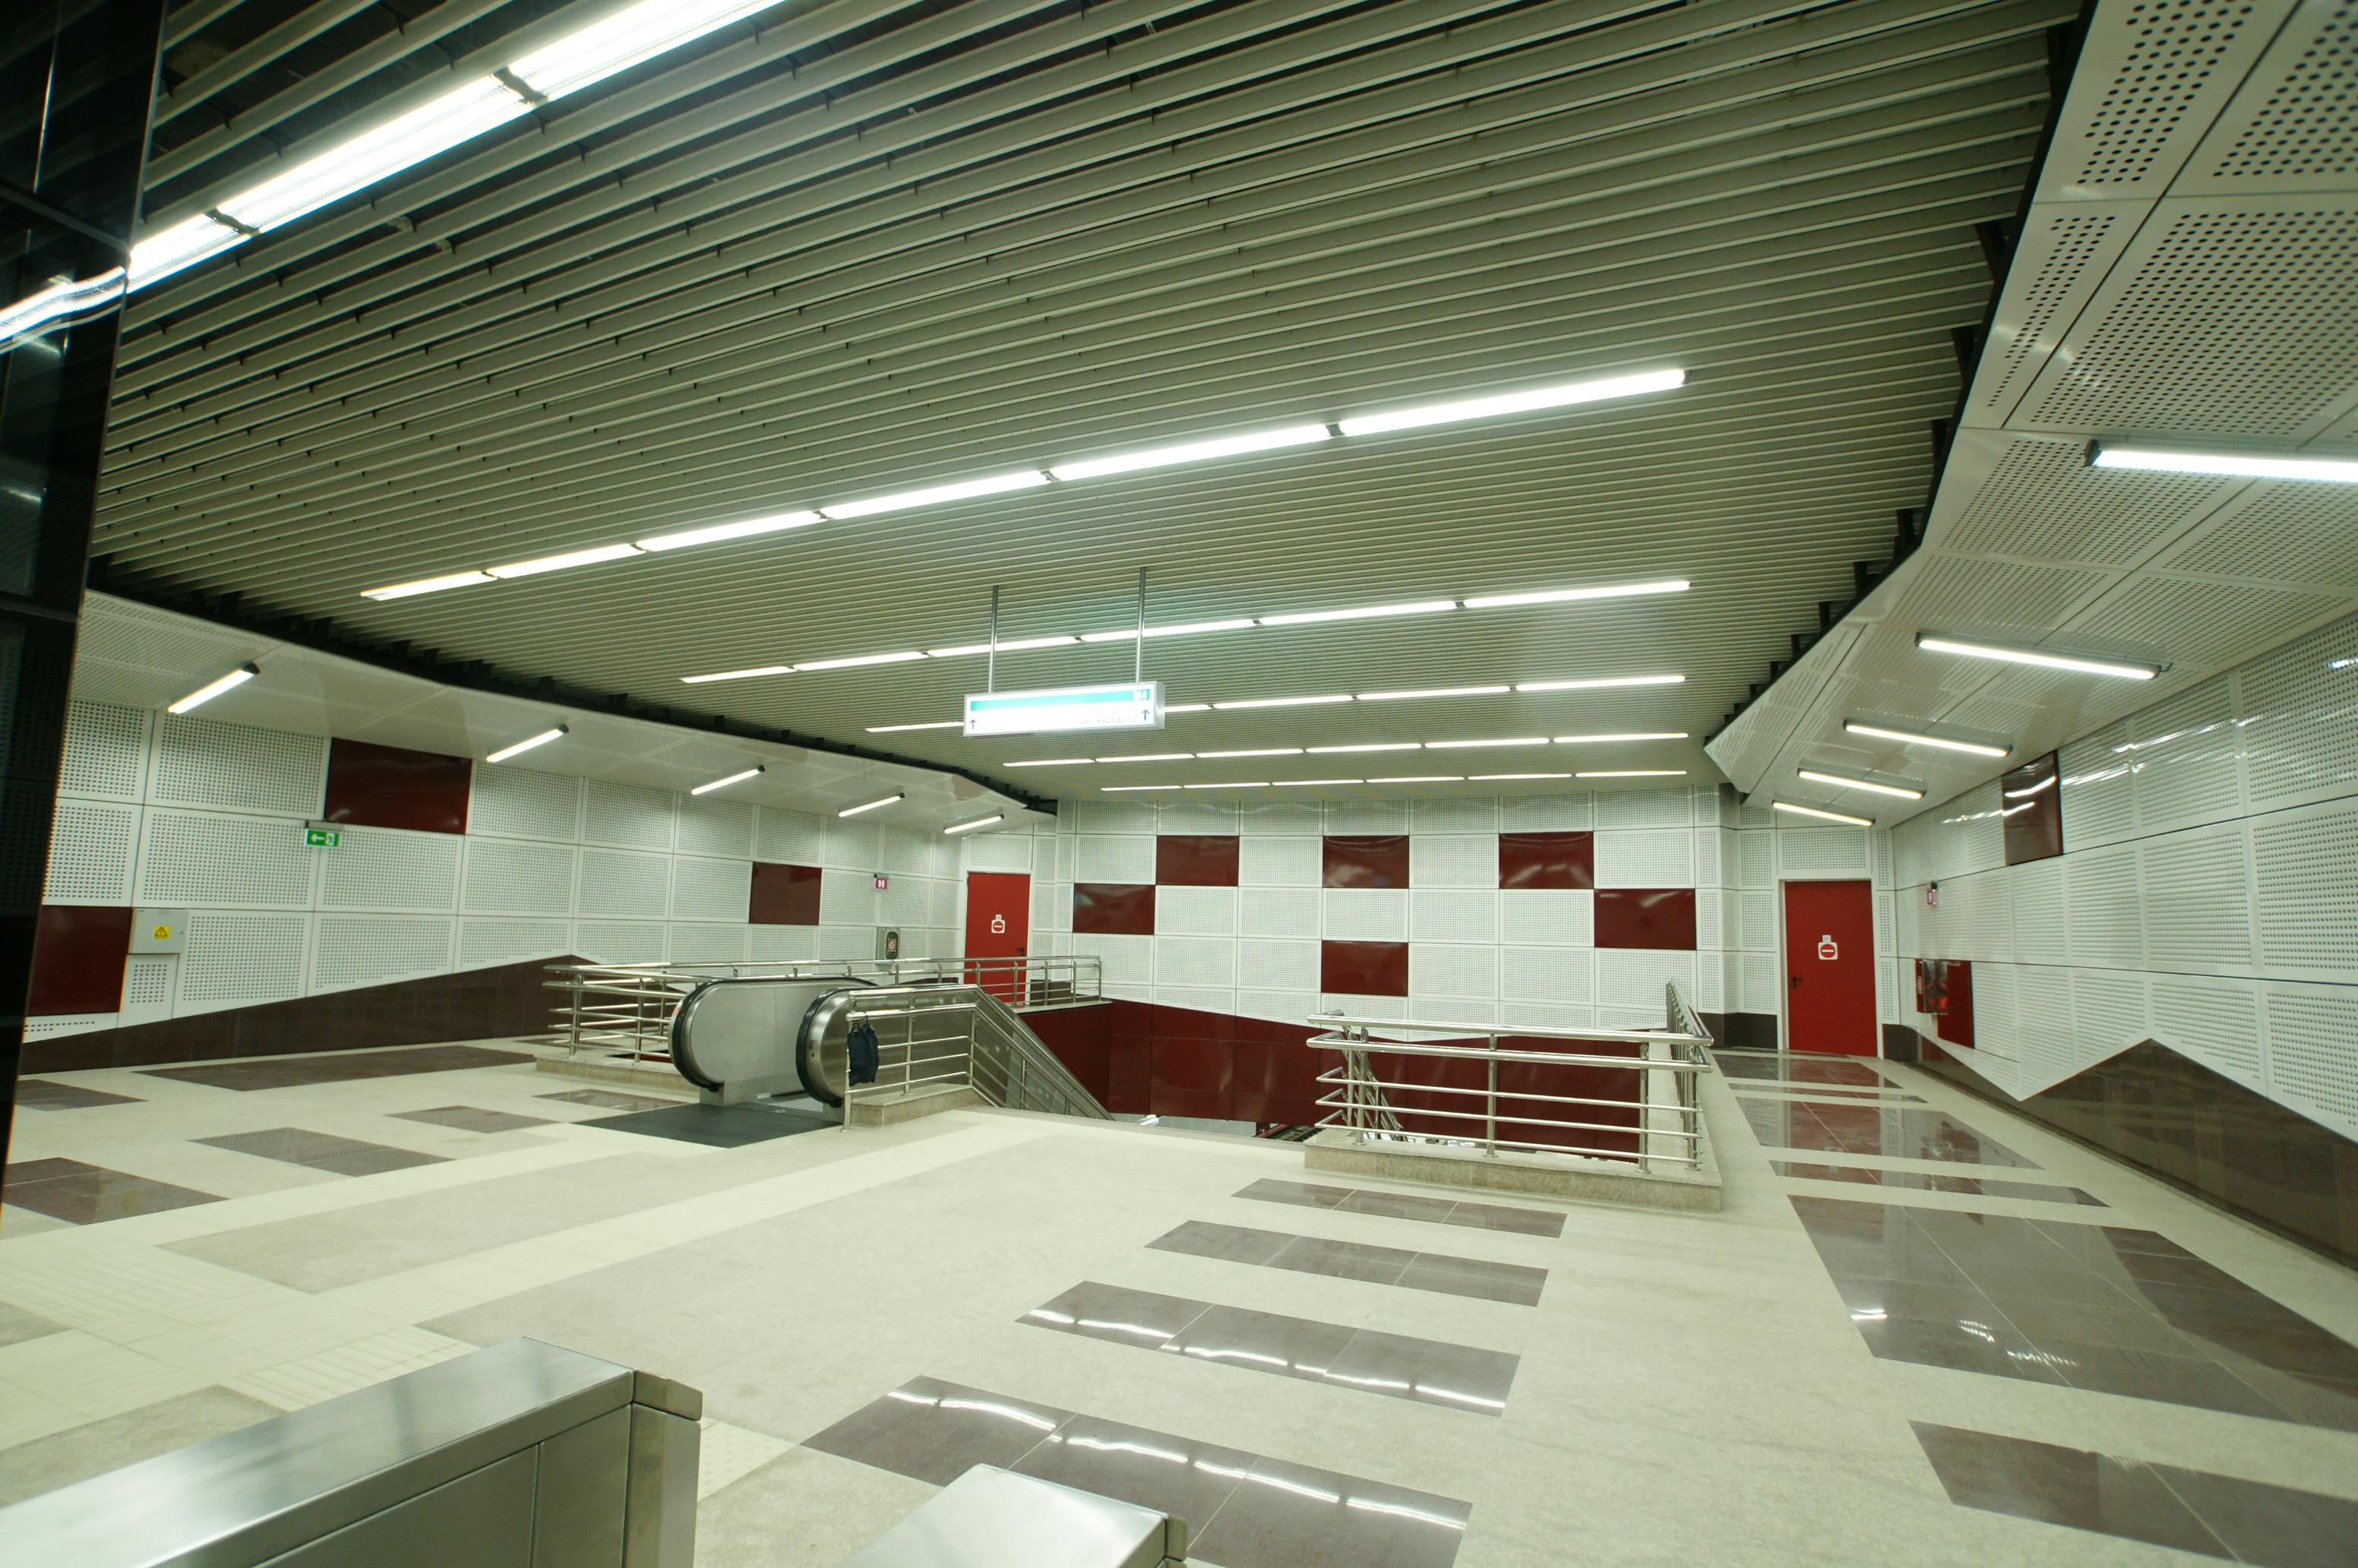 Panouri din tabla de otel folosite la statia de metrou Jiului OMERAS - Poza 3